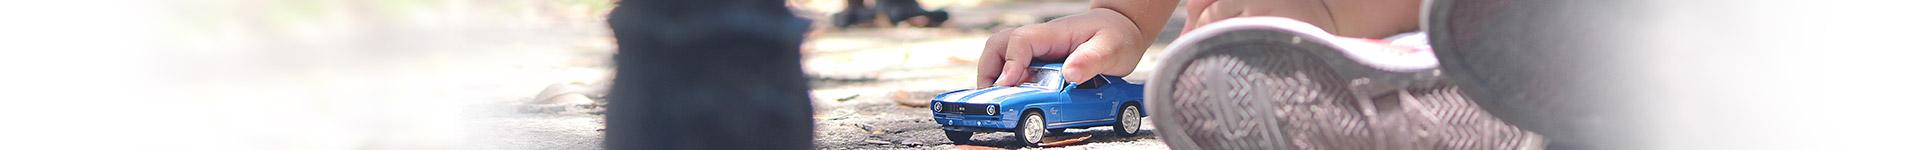 Legetøjsbiler - fart over feltet med biler, fly og toge